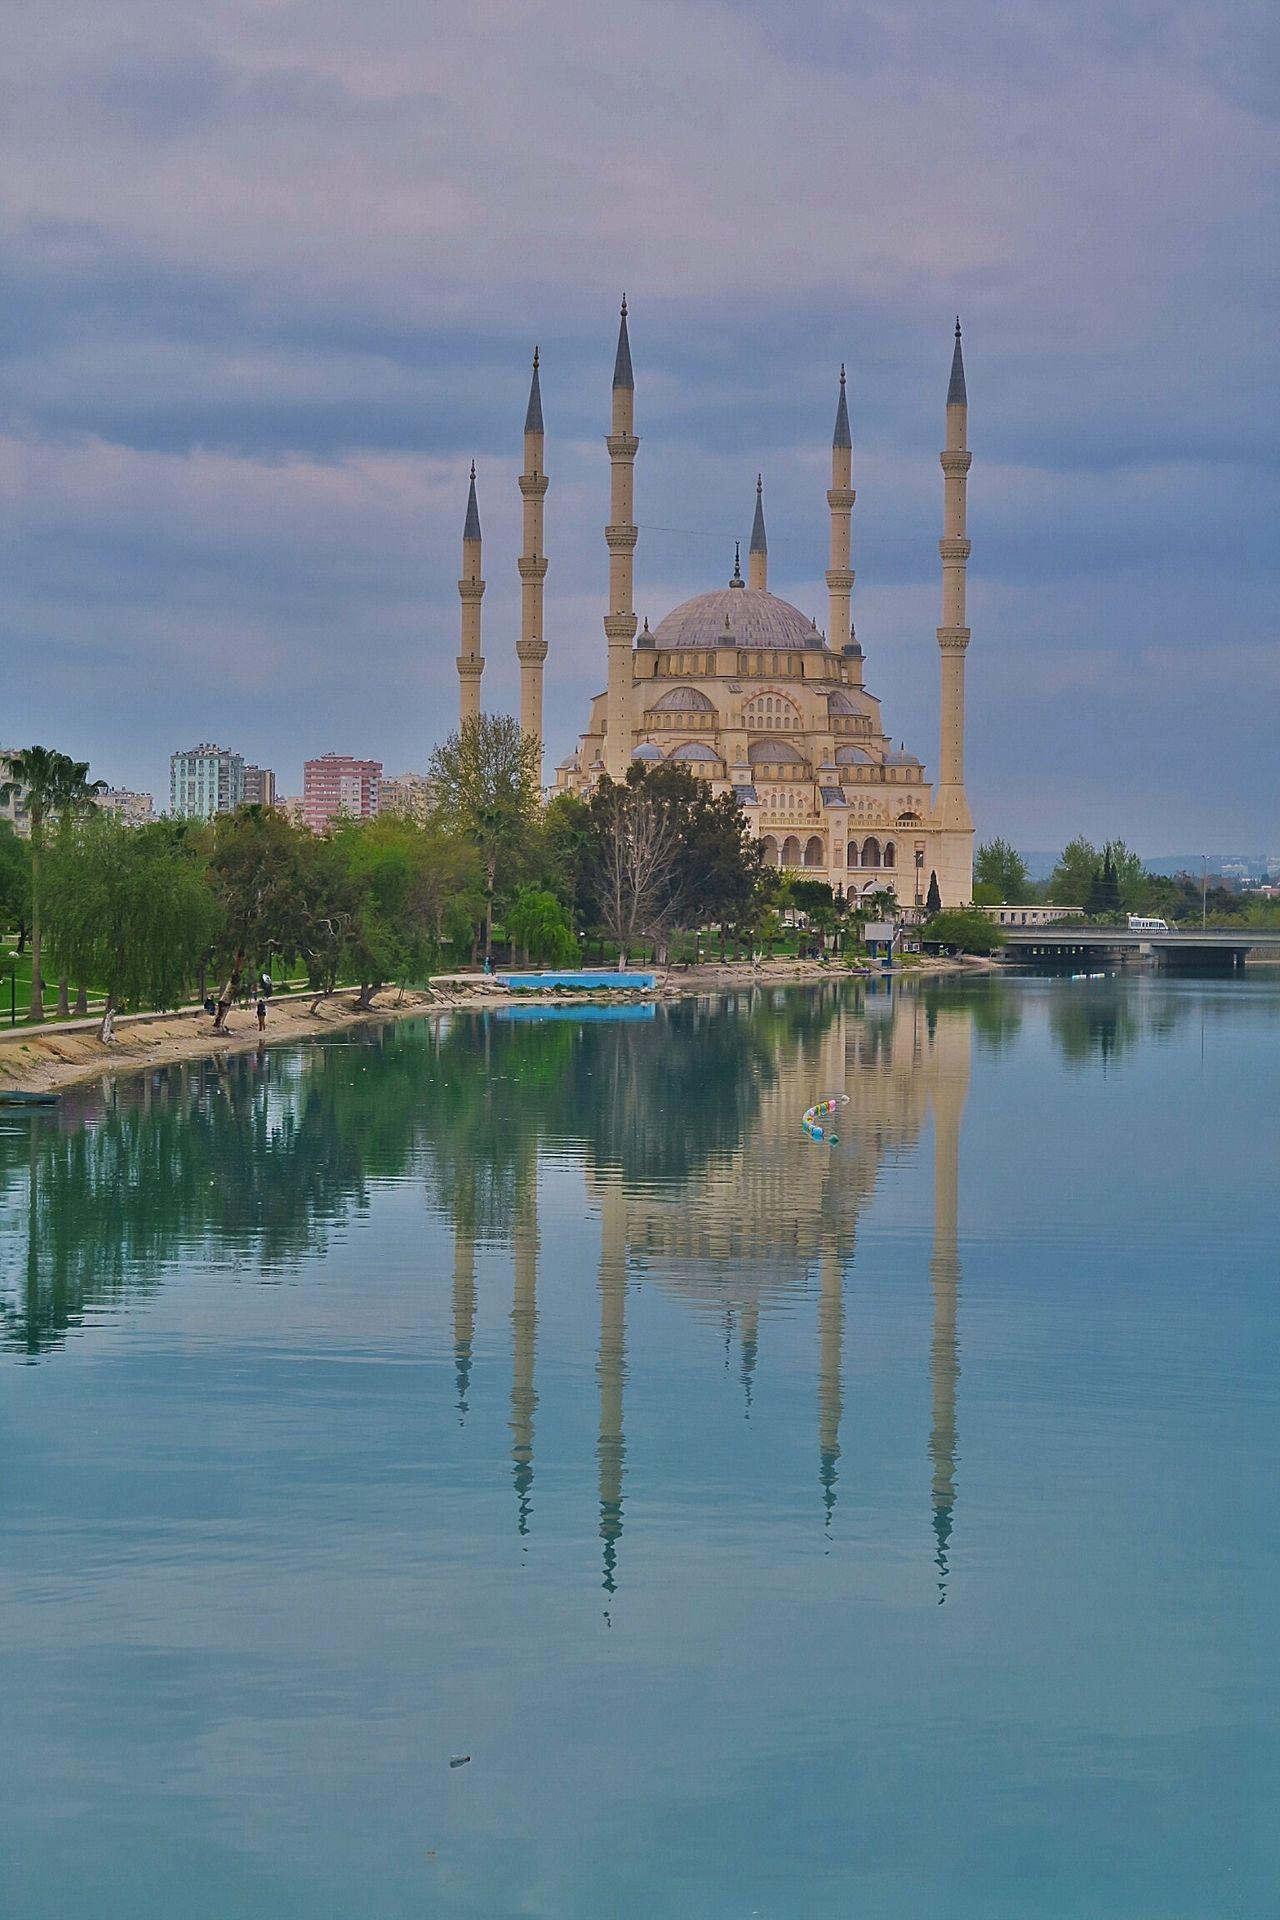 Düşmem düşersin. şaşmam der şaşarsın. en garibi de budur ya; öldüm der durur, yinede yaşarsın. Mosque Cami Nehir River Nature Blue Green Ammazing